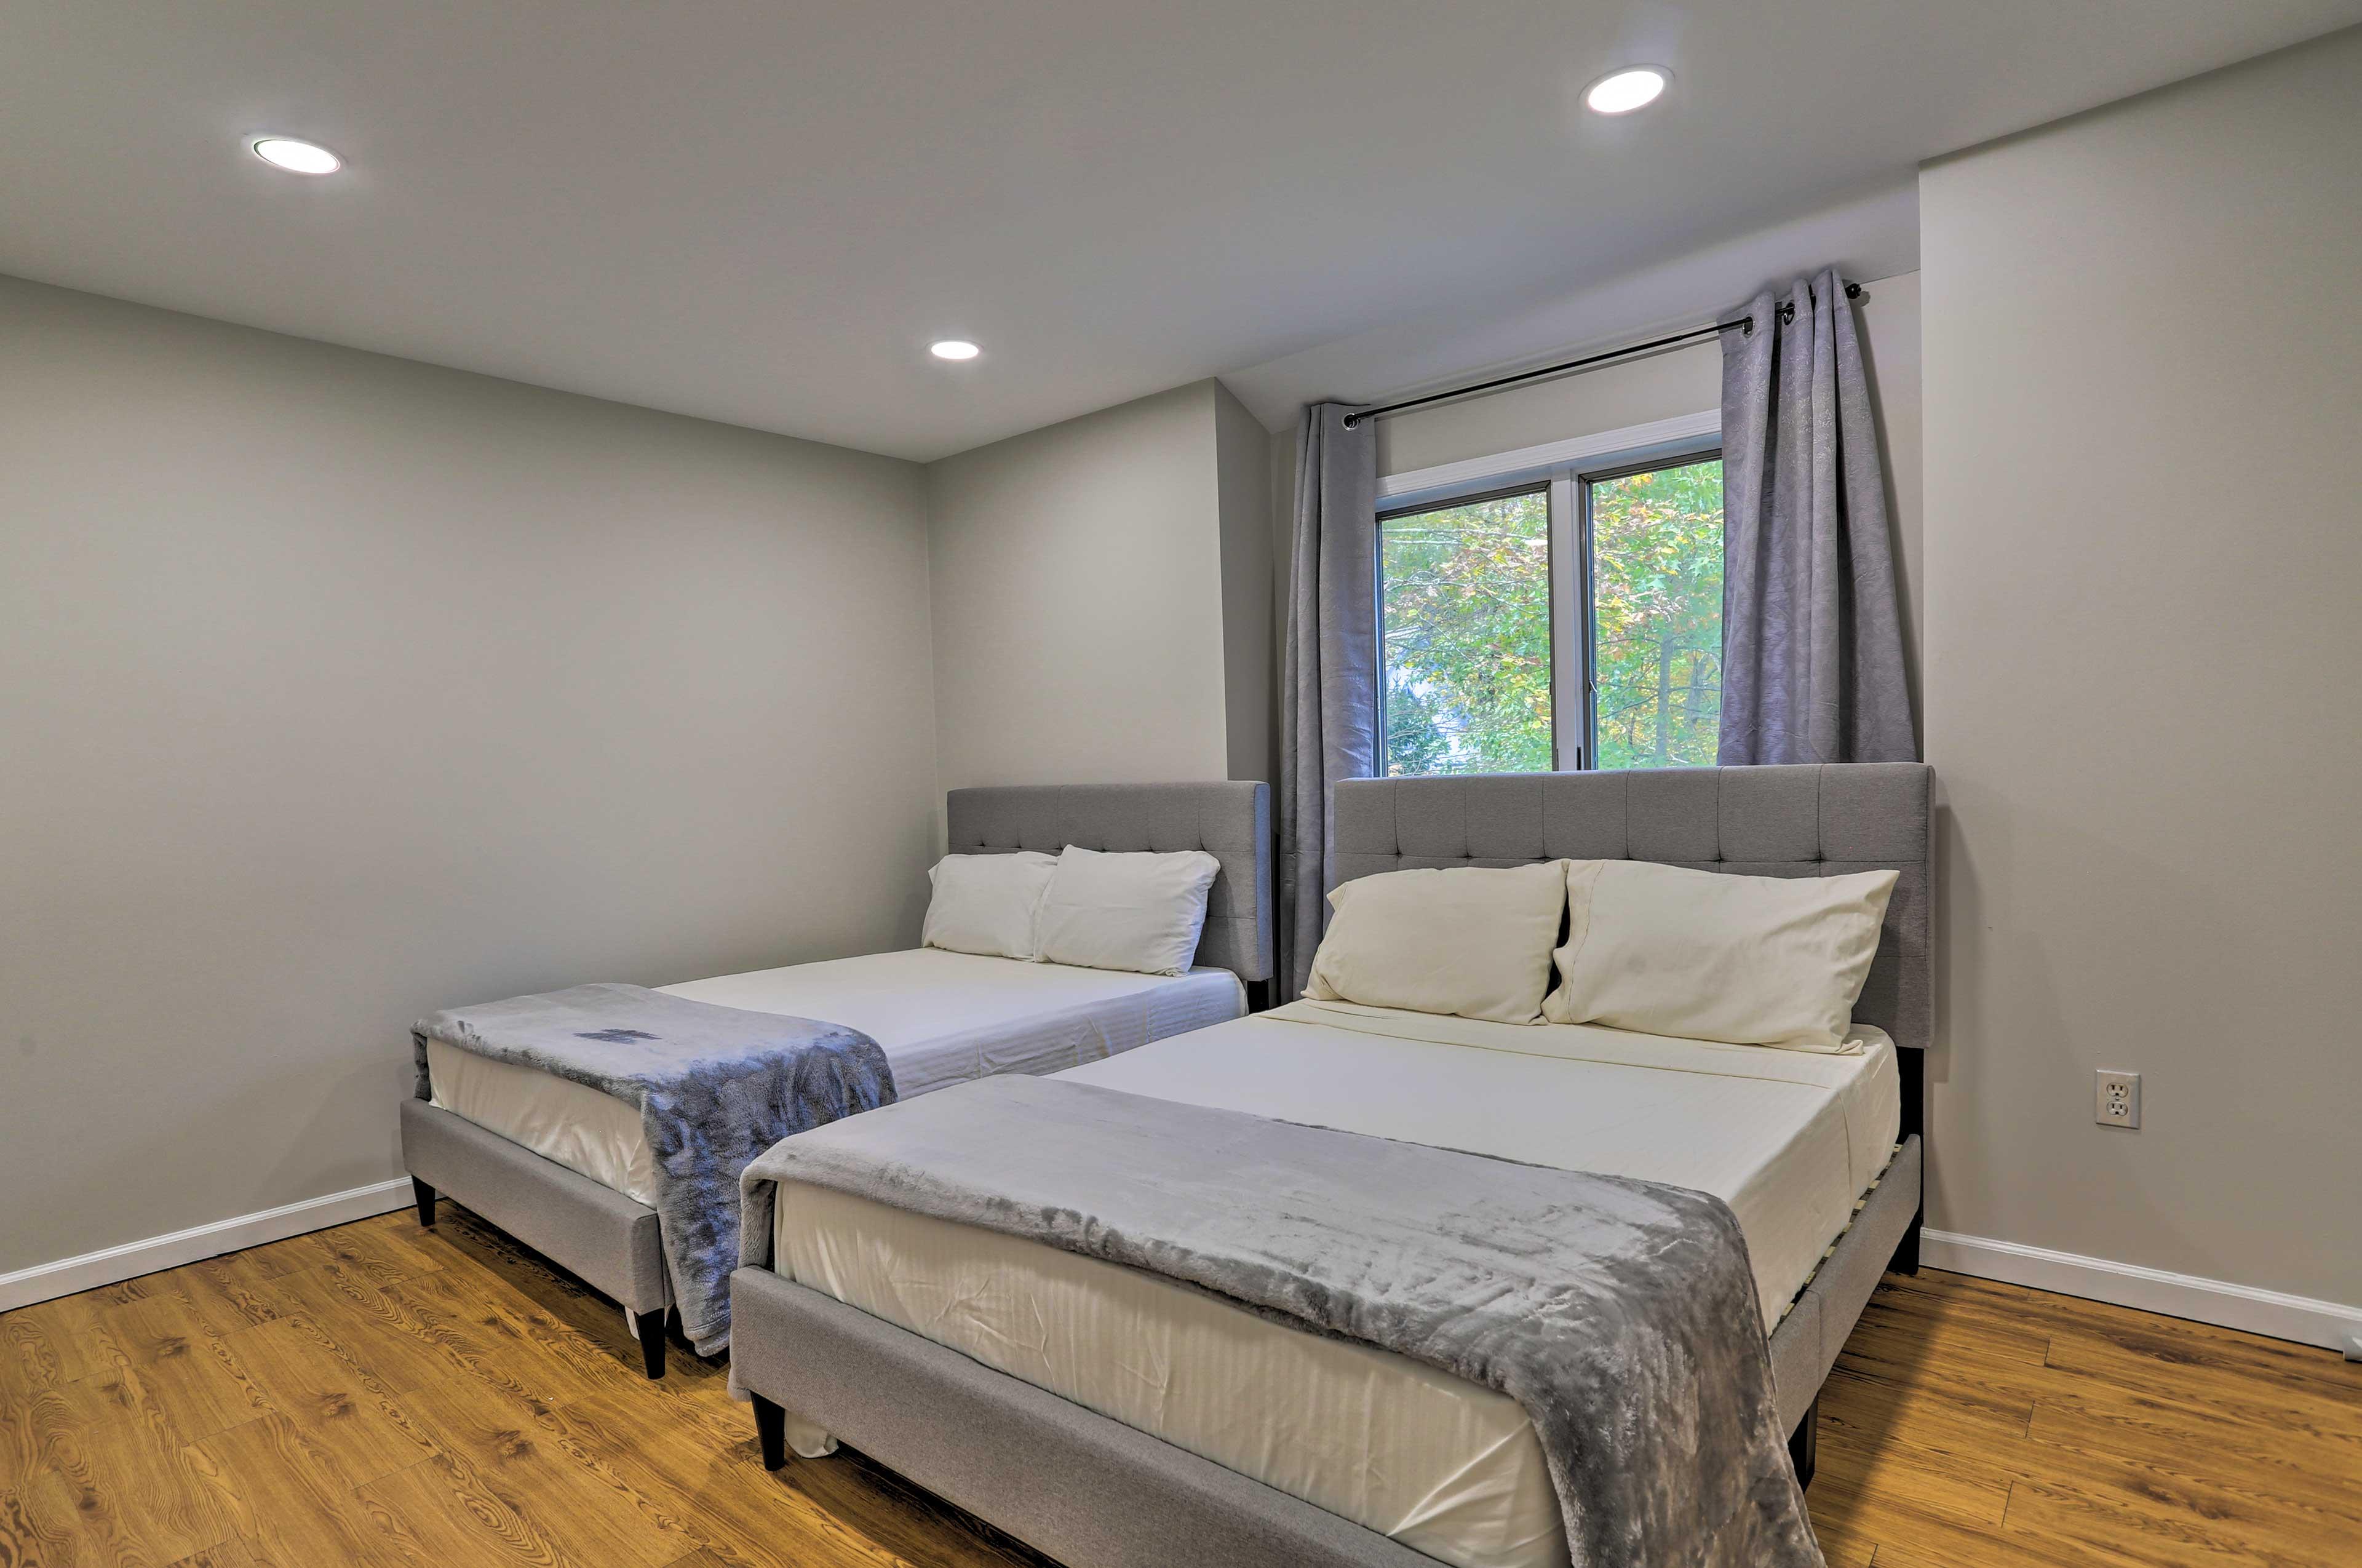 Bedroom 3 | 2 Full Beds